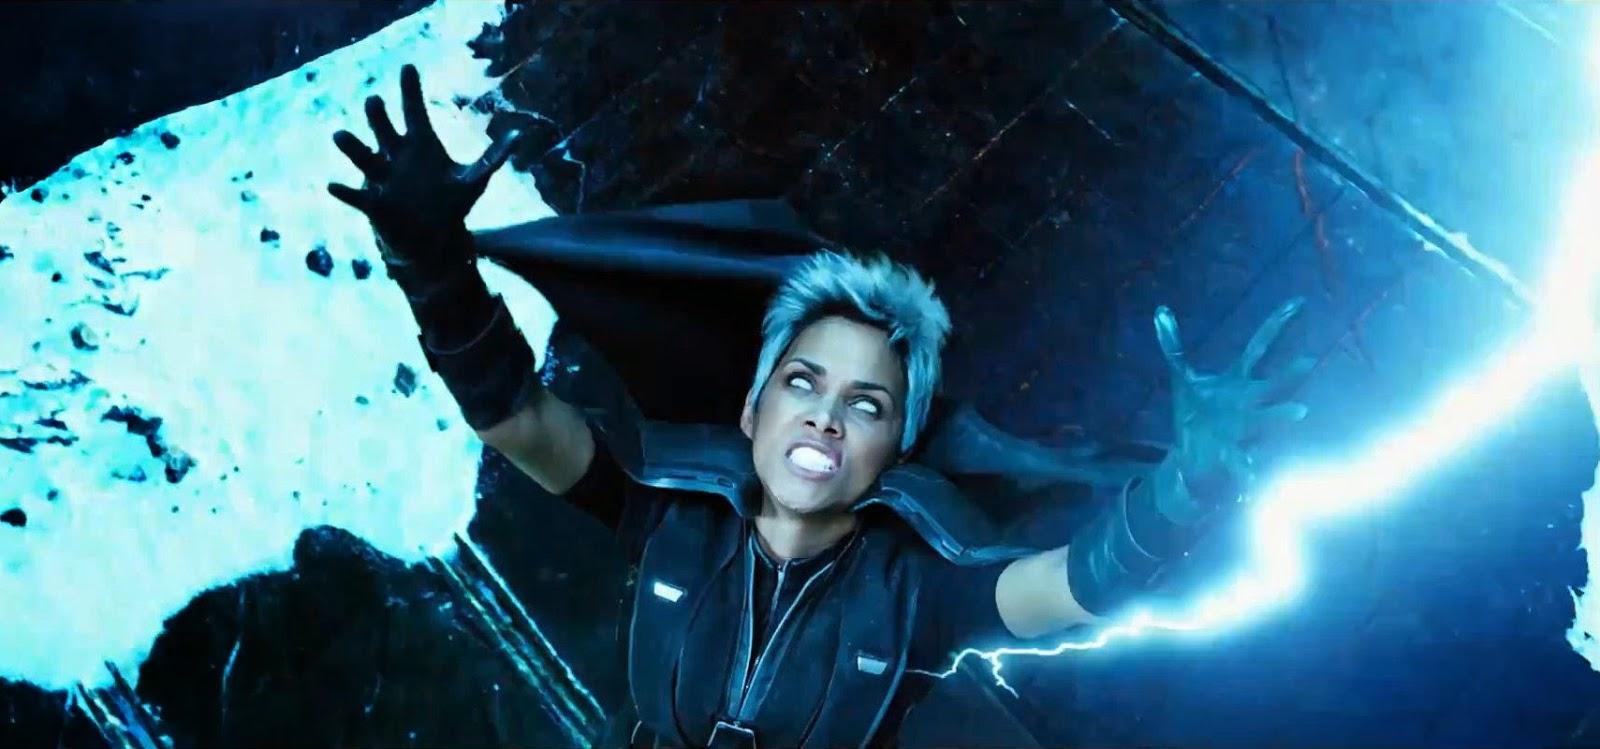 Magneto levanta estádio e Tempestade mostra seu poder em clipes inéditos de X-Men: Dias de um Futuro Esquecido